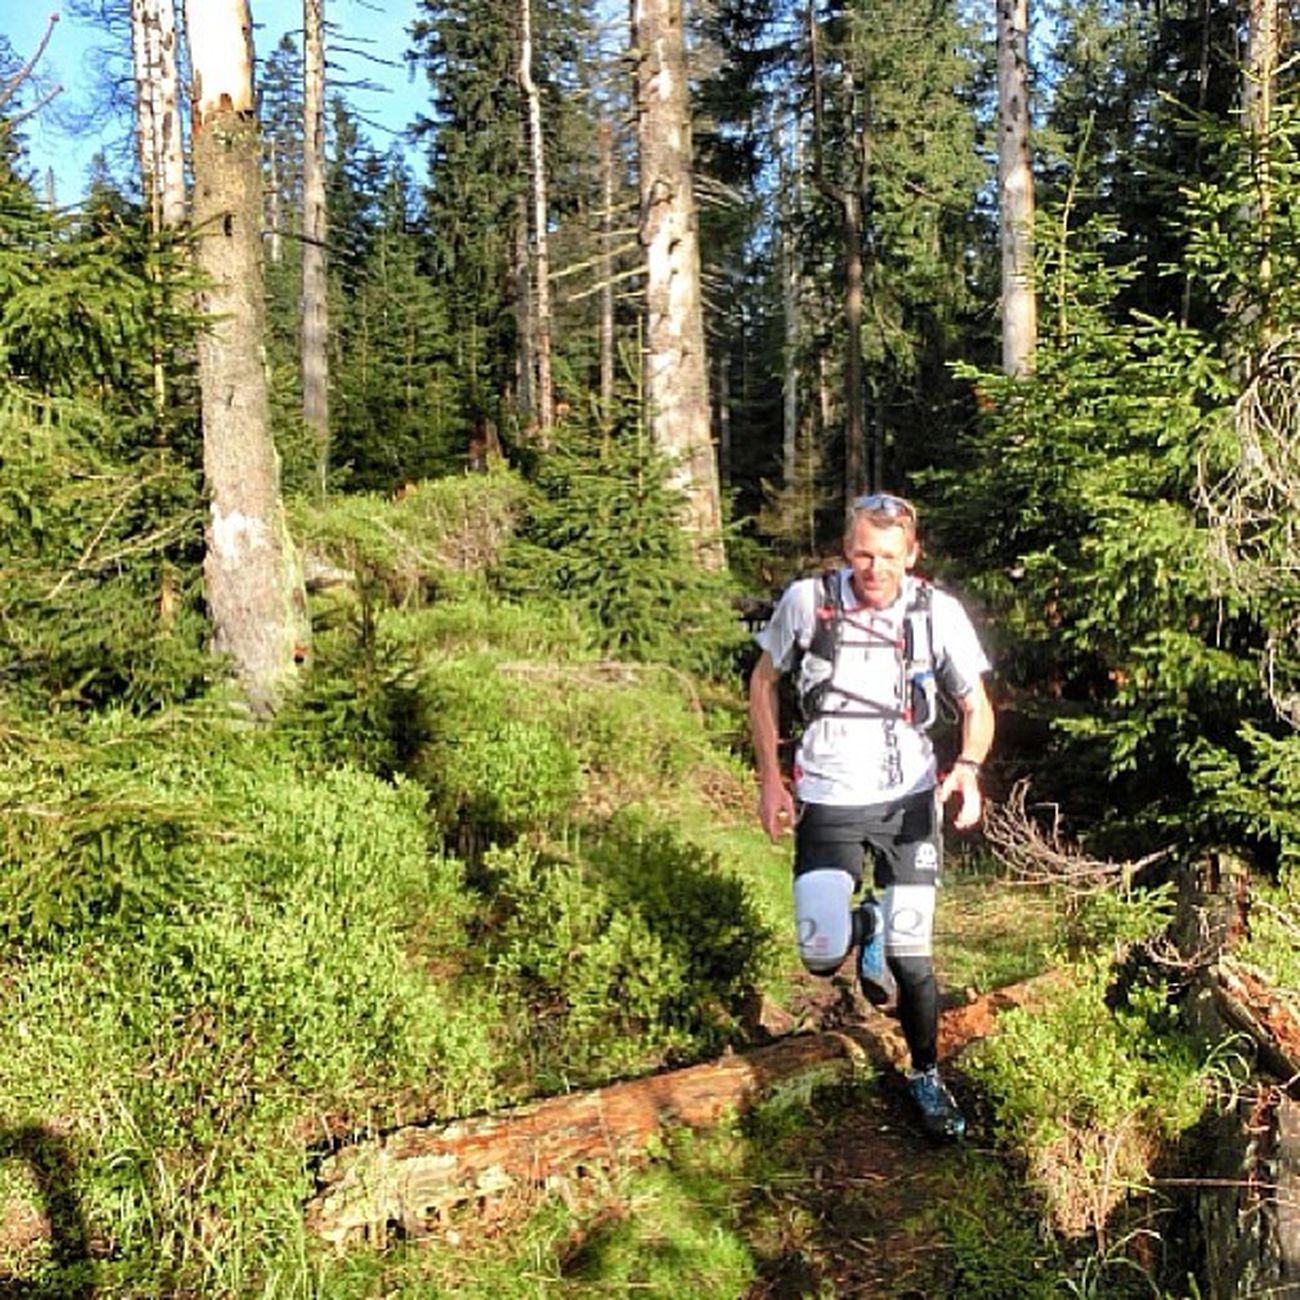 3. PfingstBrockenlauf Sklblog Pfingsten Brocken Trail Trailrunning Ilsenburg Sziols Xkross Teamraidlight Onrunning Sklonrunning